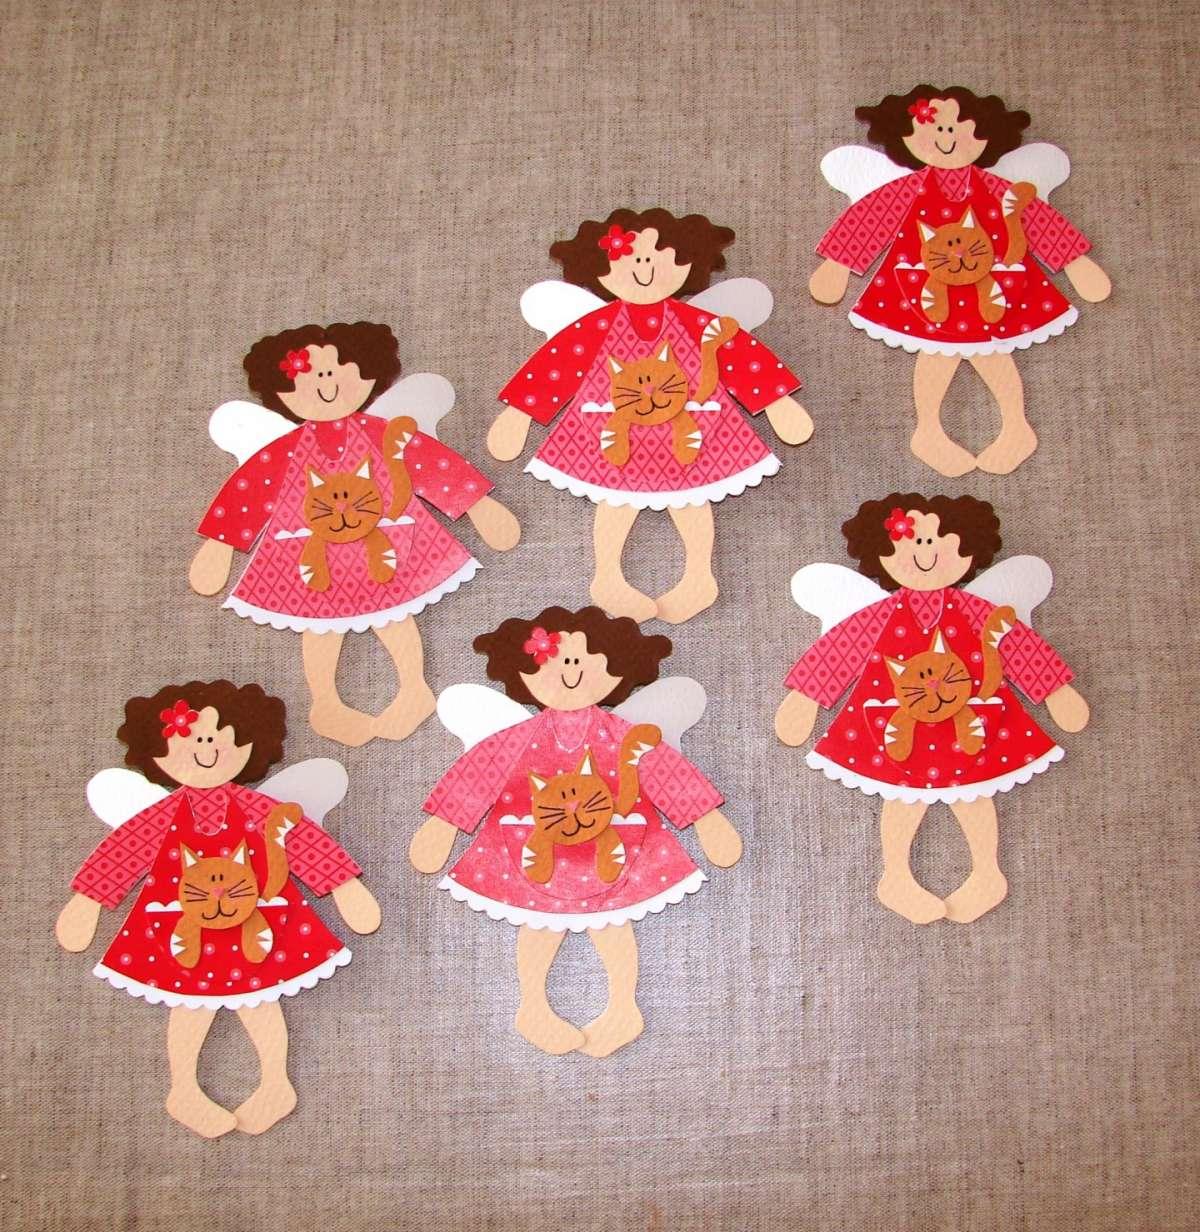 Angioletti di carta per bambini